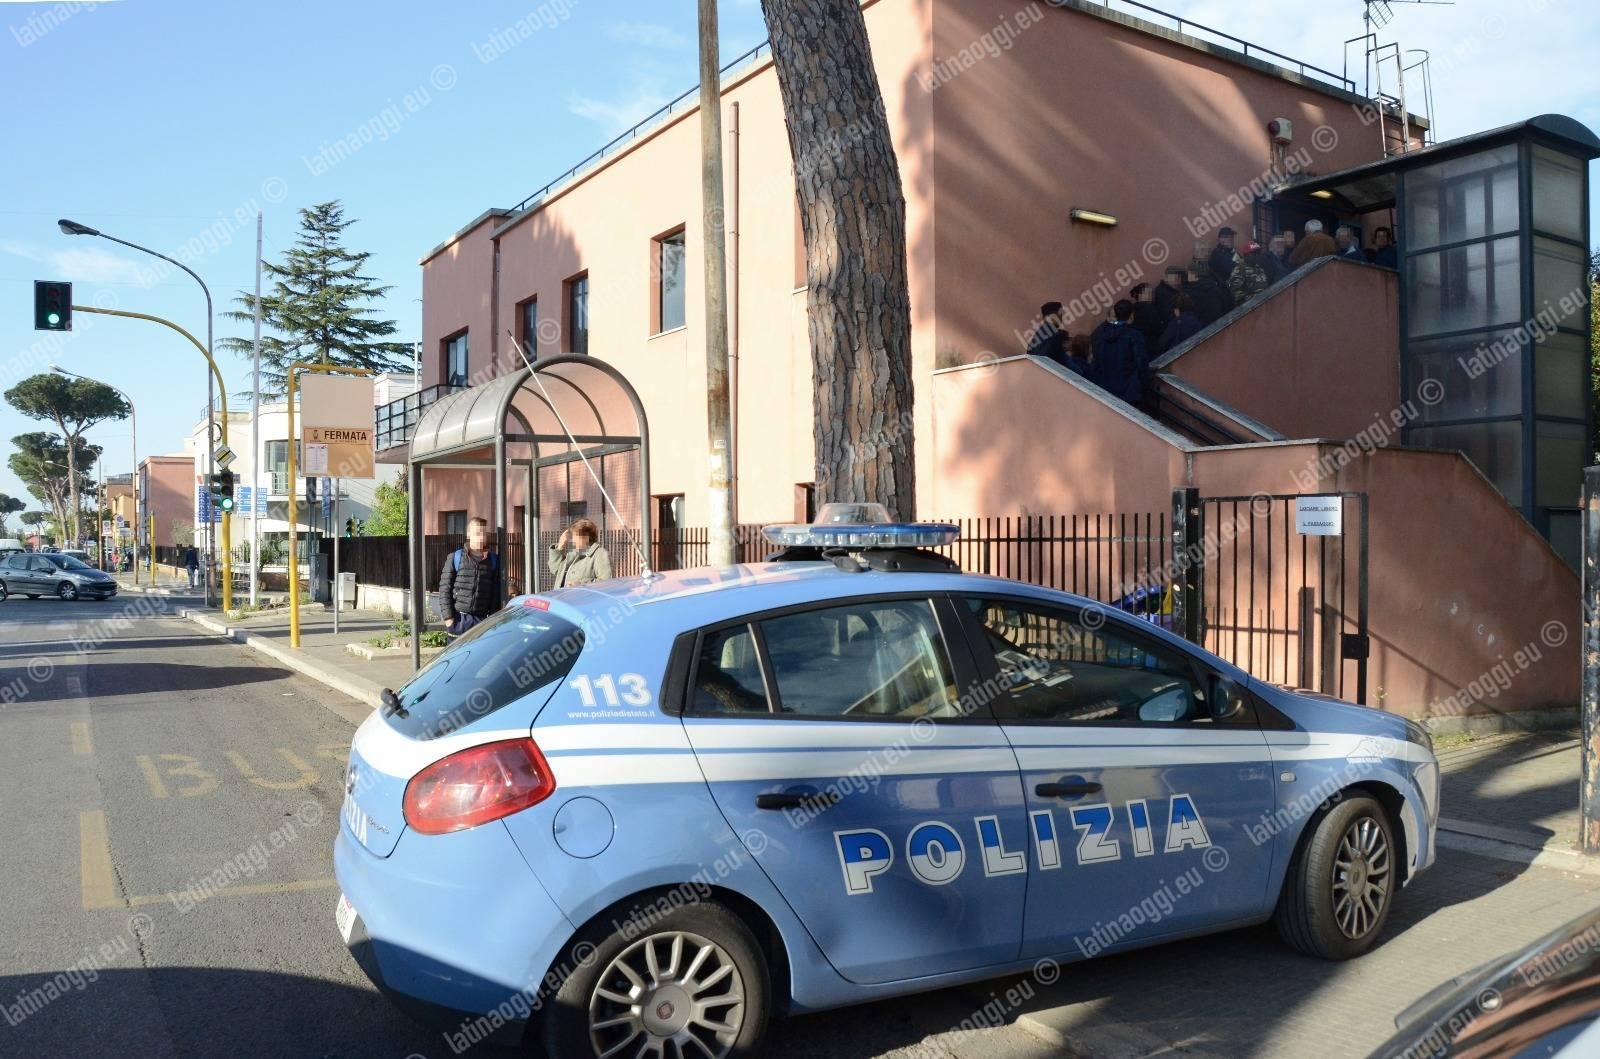 Colpo al supermercato Barletta, ladri portano via cassaforte